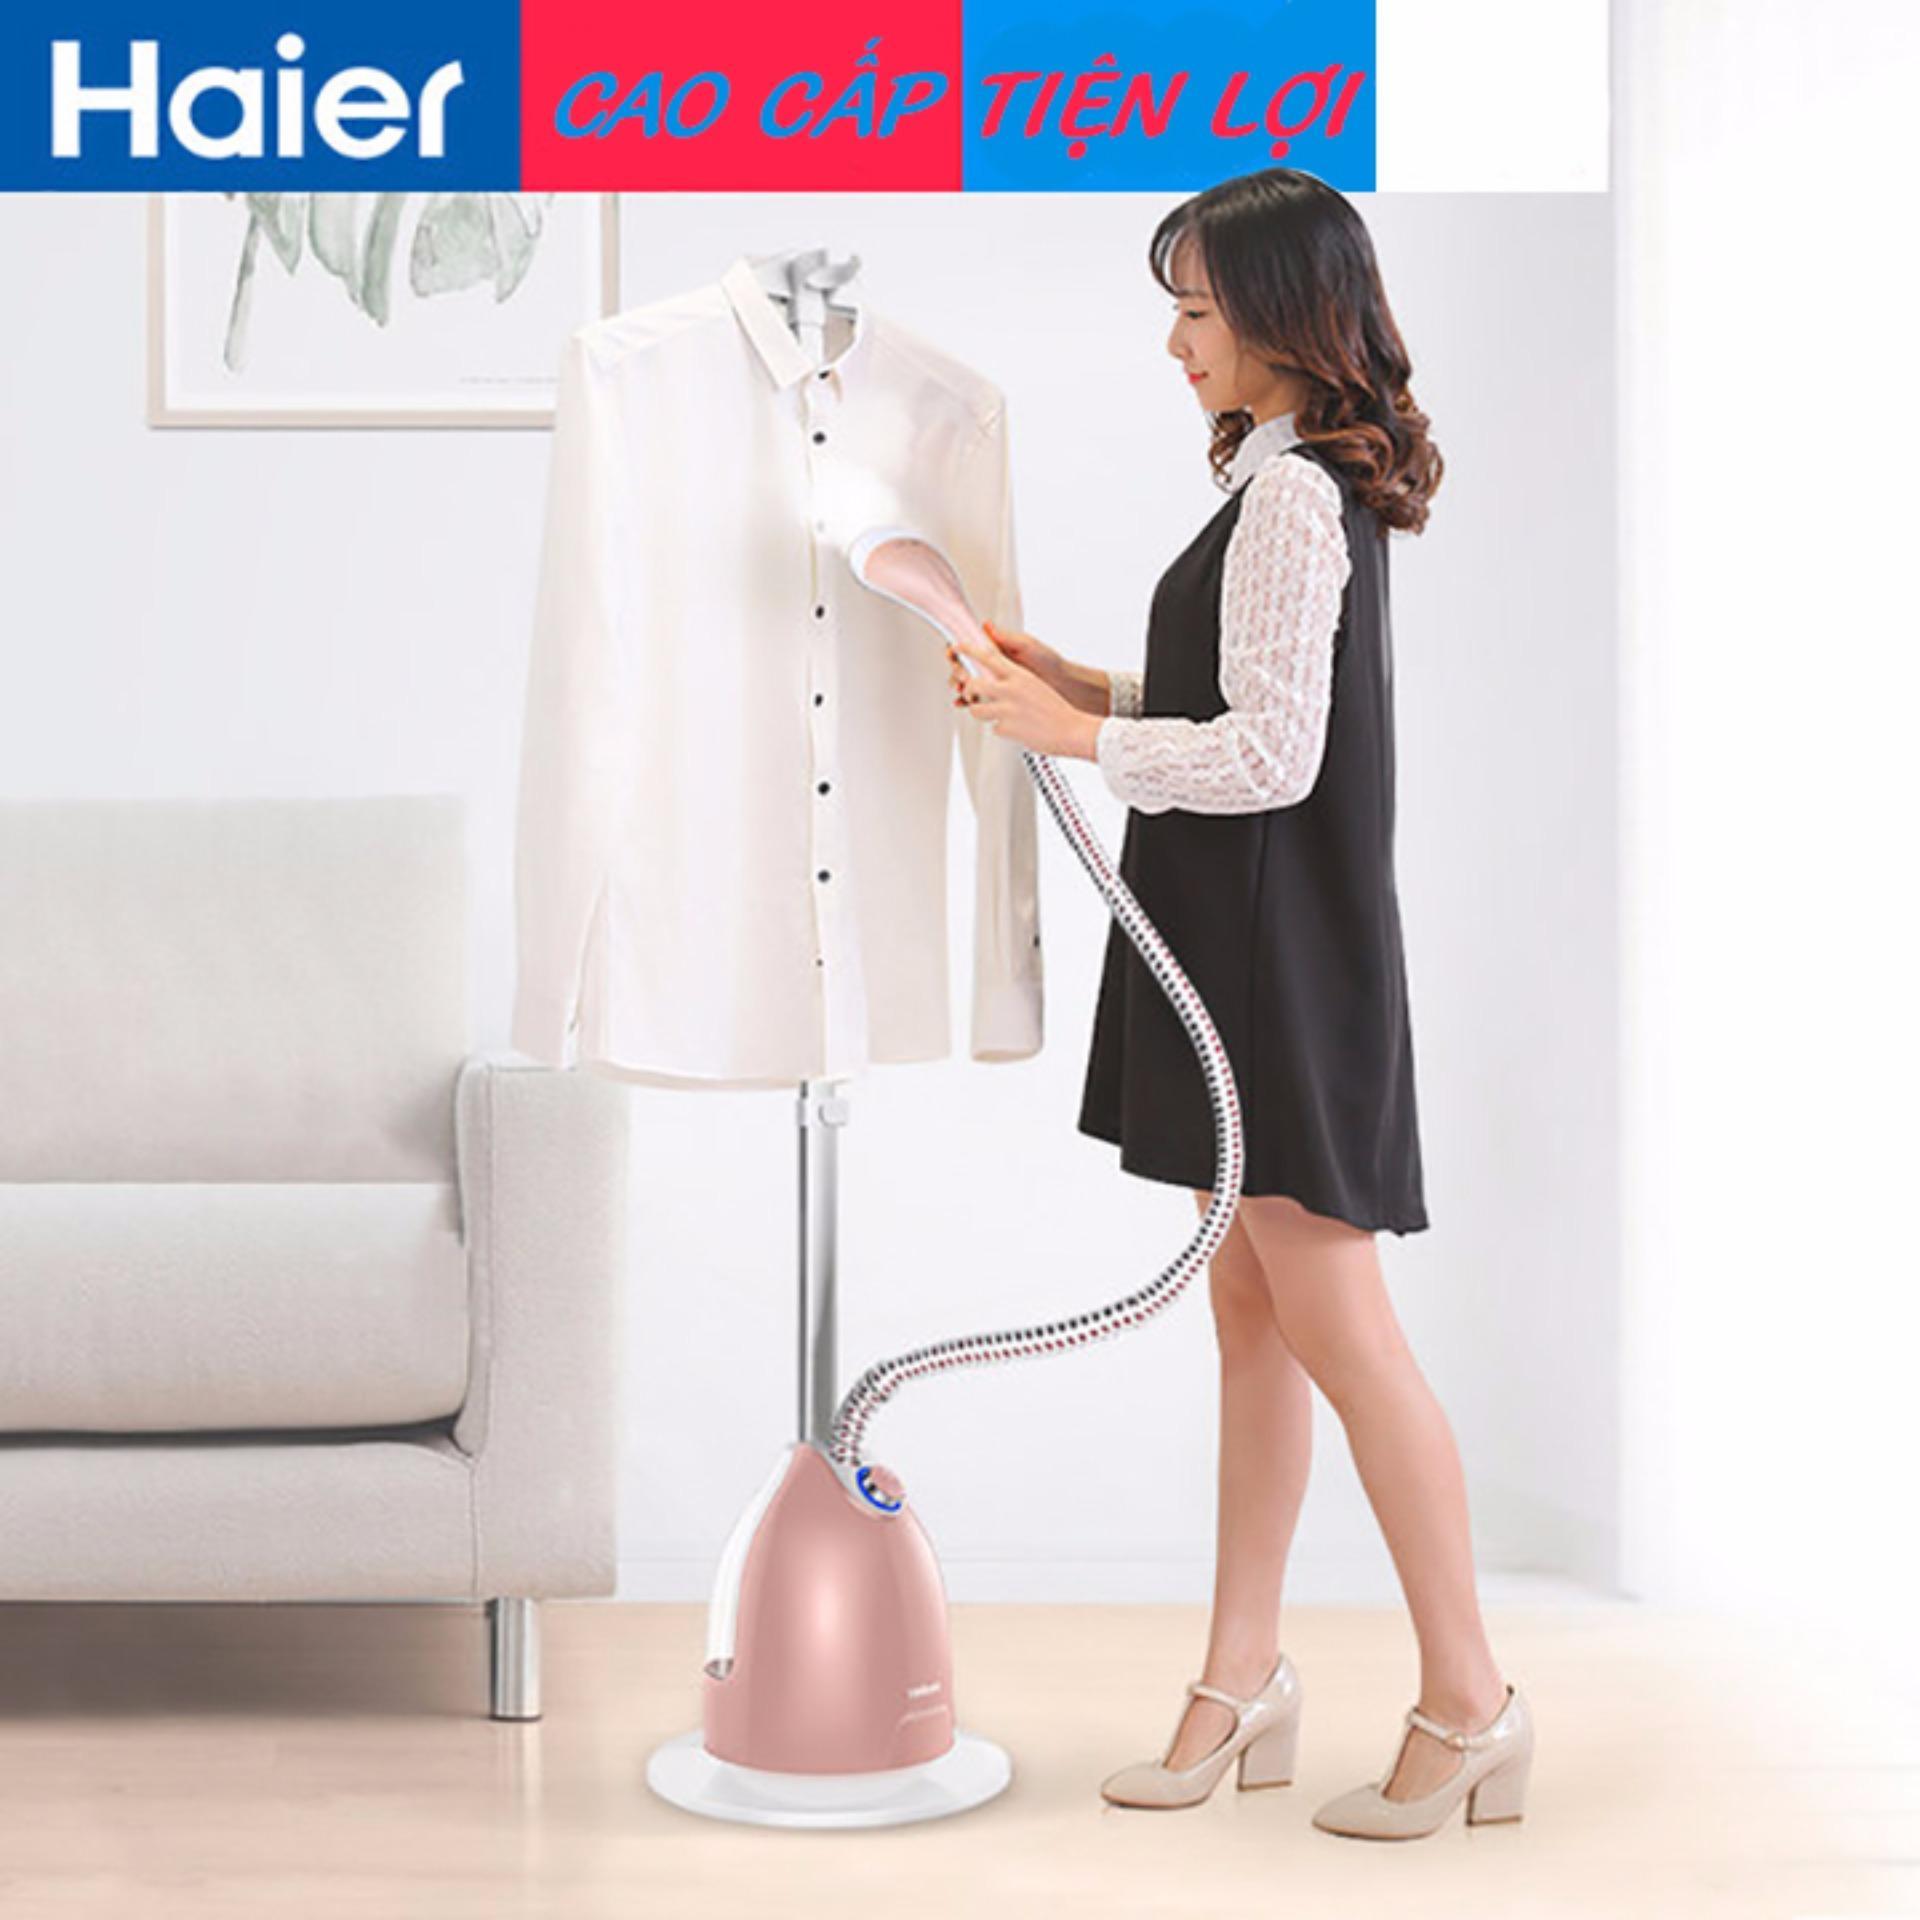 Bàn là ủi hơi nước đứng Haier cao cấp (Vàng hồng) giá rẻ 1.168.000₫